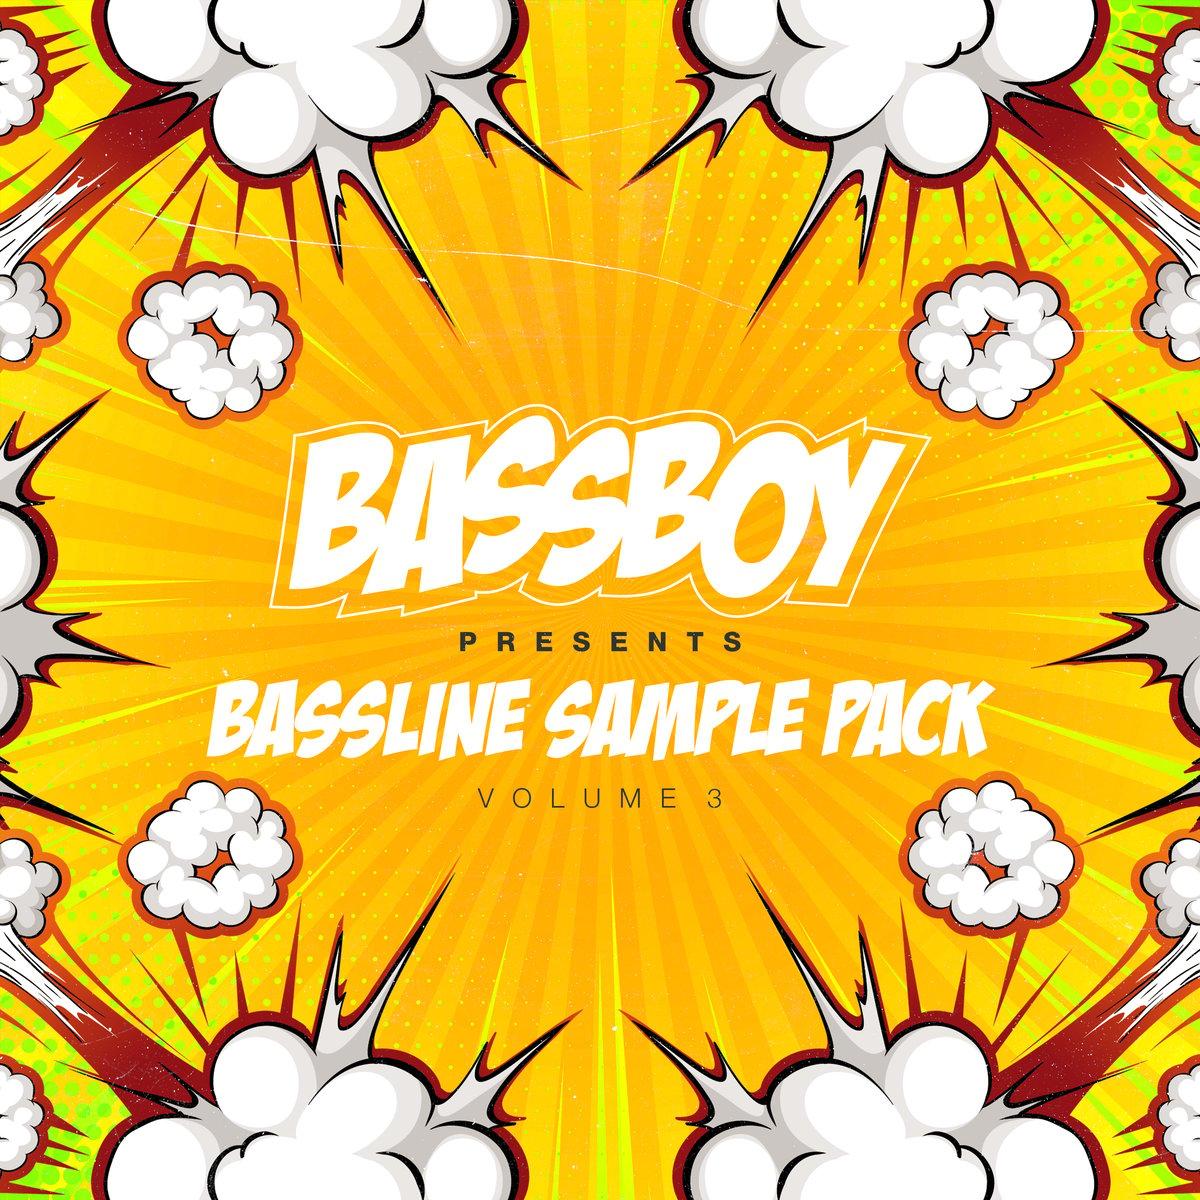 Image of Bassline Sample Pack Vol.3